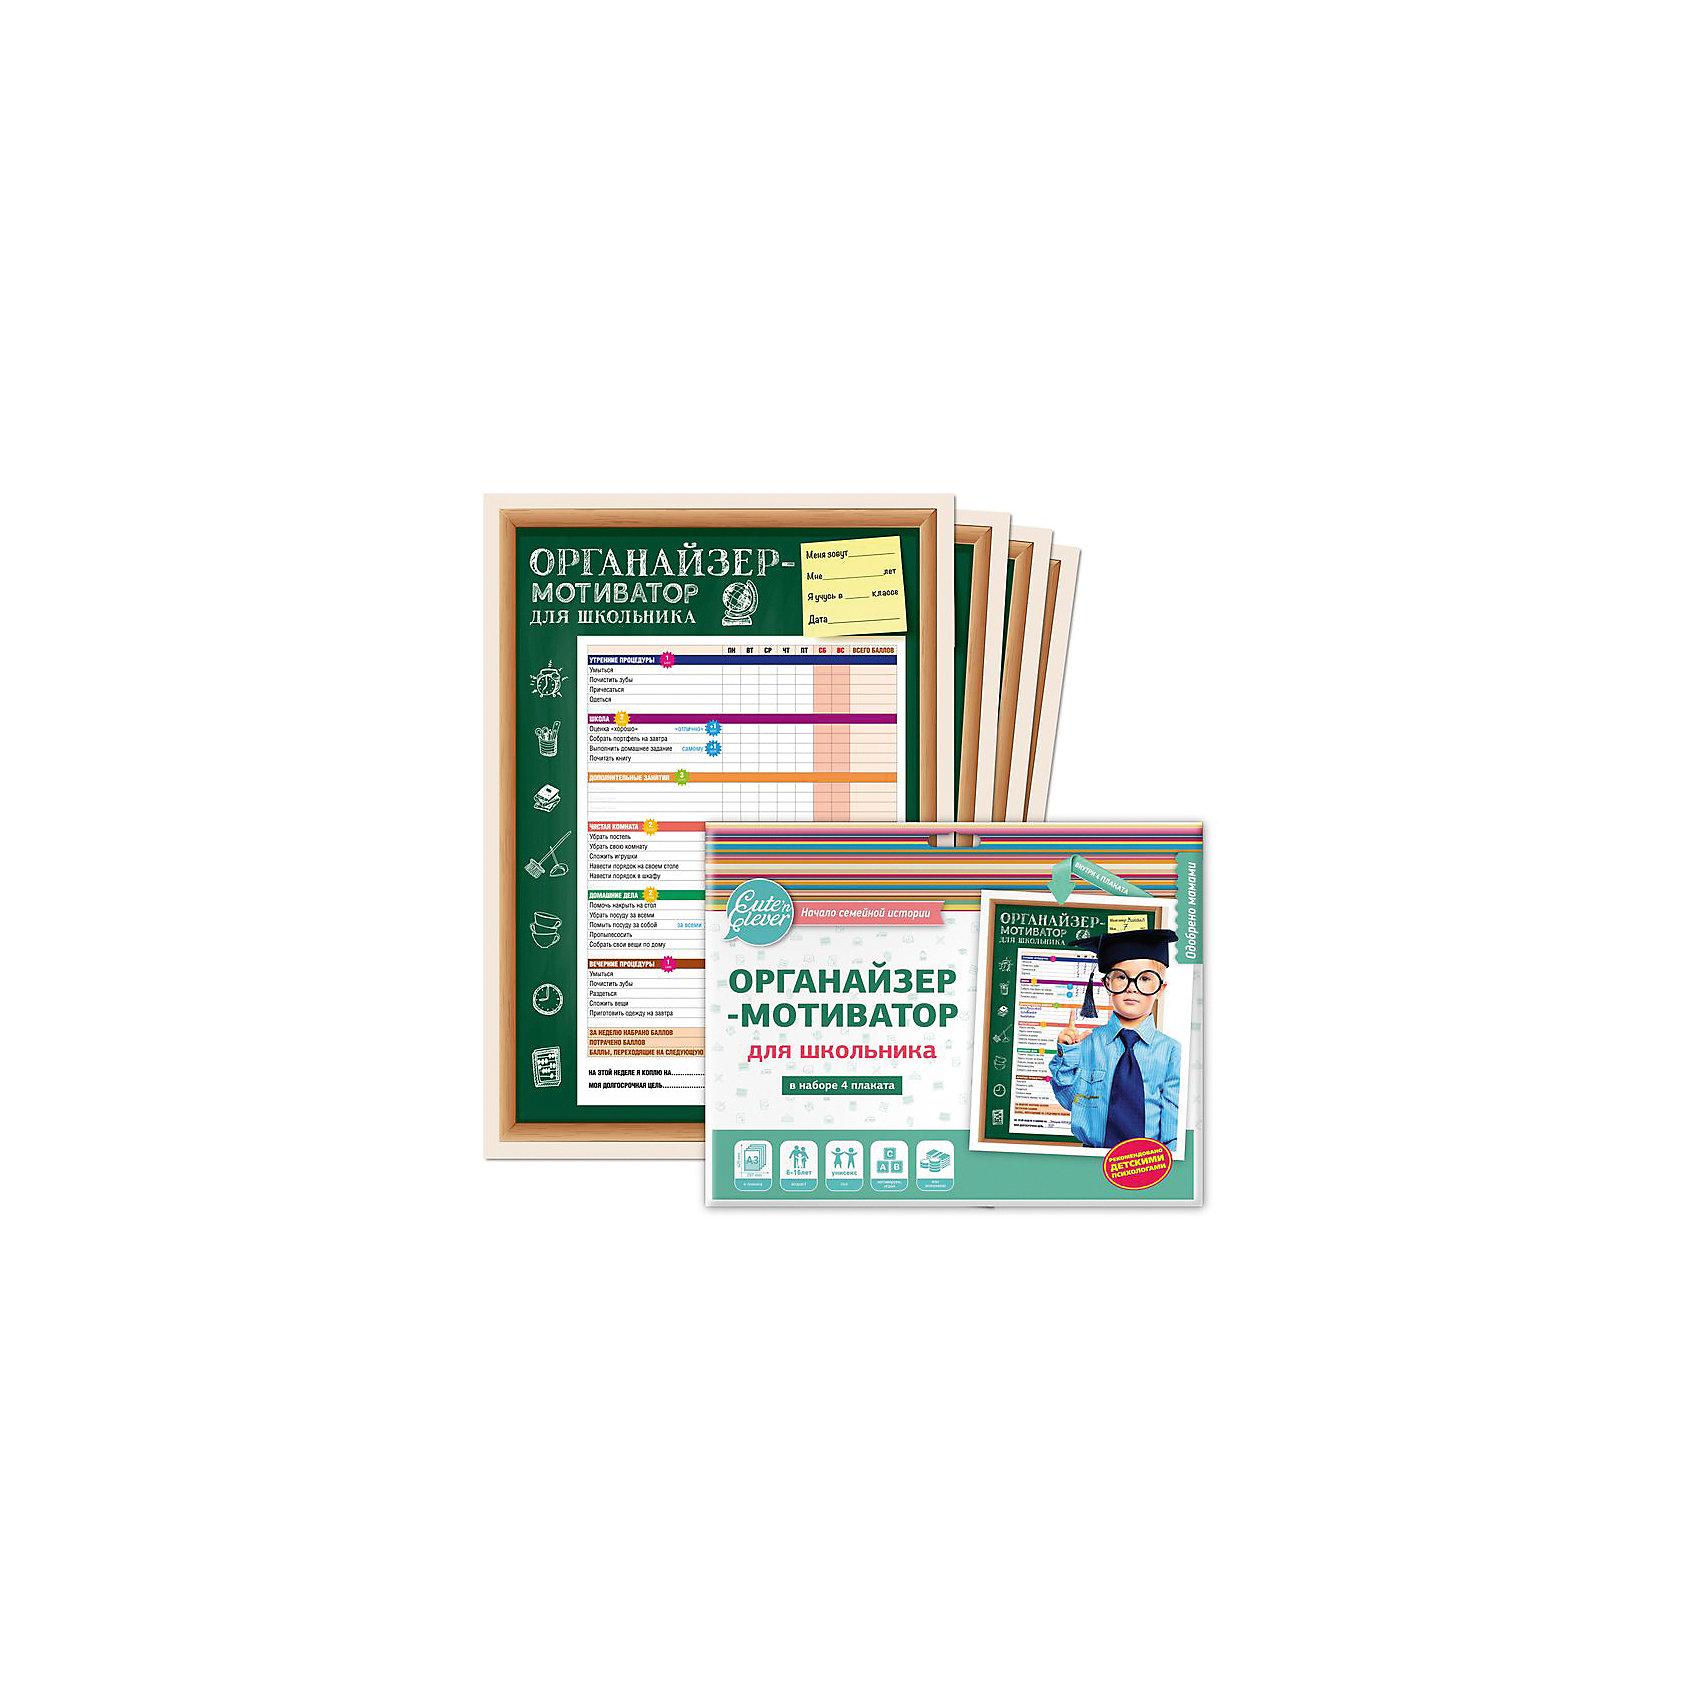 Органайзер-мотиватор для школьника, набор из 4 плакатов, Cuten CleverКниги по педагогике<br>Органайзер-мотиватор для школьника, набор из 4 плакатов, Cuten Clever.<br><br>Характеристики:<br><br>• В наборе 4 плаката<br>• Материал: картон<br>• Размер упаковки: 24х31х2 см.<br><br>Органайзер-мотиватор для школьника – это полезное и важное приобретение, которое поможет ребенку стать более организованным. В наборе 4 плаката. Каждый плакат рассчитан на неделю. В начале недели ребенок обозначает свою цель, на которую желает накопить. Это может быть краткосрочная цель (на одну неделю), так и долгосрочная. Взрослый определяет цену в баллах. За каждое выполненное задание ребенок вписывает количество заработанных баллов. <br><br>В конце недели баллы суммируются, если заработанных баллов достаточно, то ребенок тратит баллы сразу, если нет, то переносит заработанные баллы на следующую неделю и продолжает копить. Такое наглядное стремление к достижению цели, вдохновляет ребенка. Помогает познать азы экономики и понять, что получение желаемого требует терпения и усилий.<br><br>Органайзер-мотиватор для школьника, набор из 4 плакатов, Cuten Clever можно купить в нашем интернет-магазине.<br><br>Ширина мм: 236<br>Глубина мм: 302<br>Высота мм: 50<br>Вес г: 80<br>Возраст от месяцев: 72<br>Возраст до месяцев: 2147483647<br>Пол: Унисекс<br>Возраст: Детский<br>SKU: 5454171